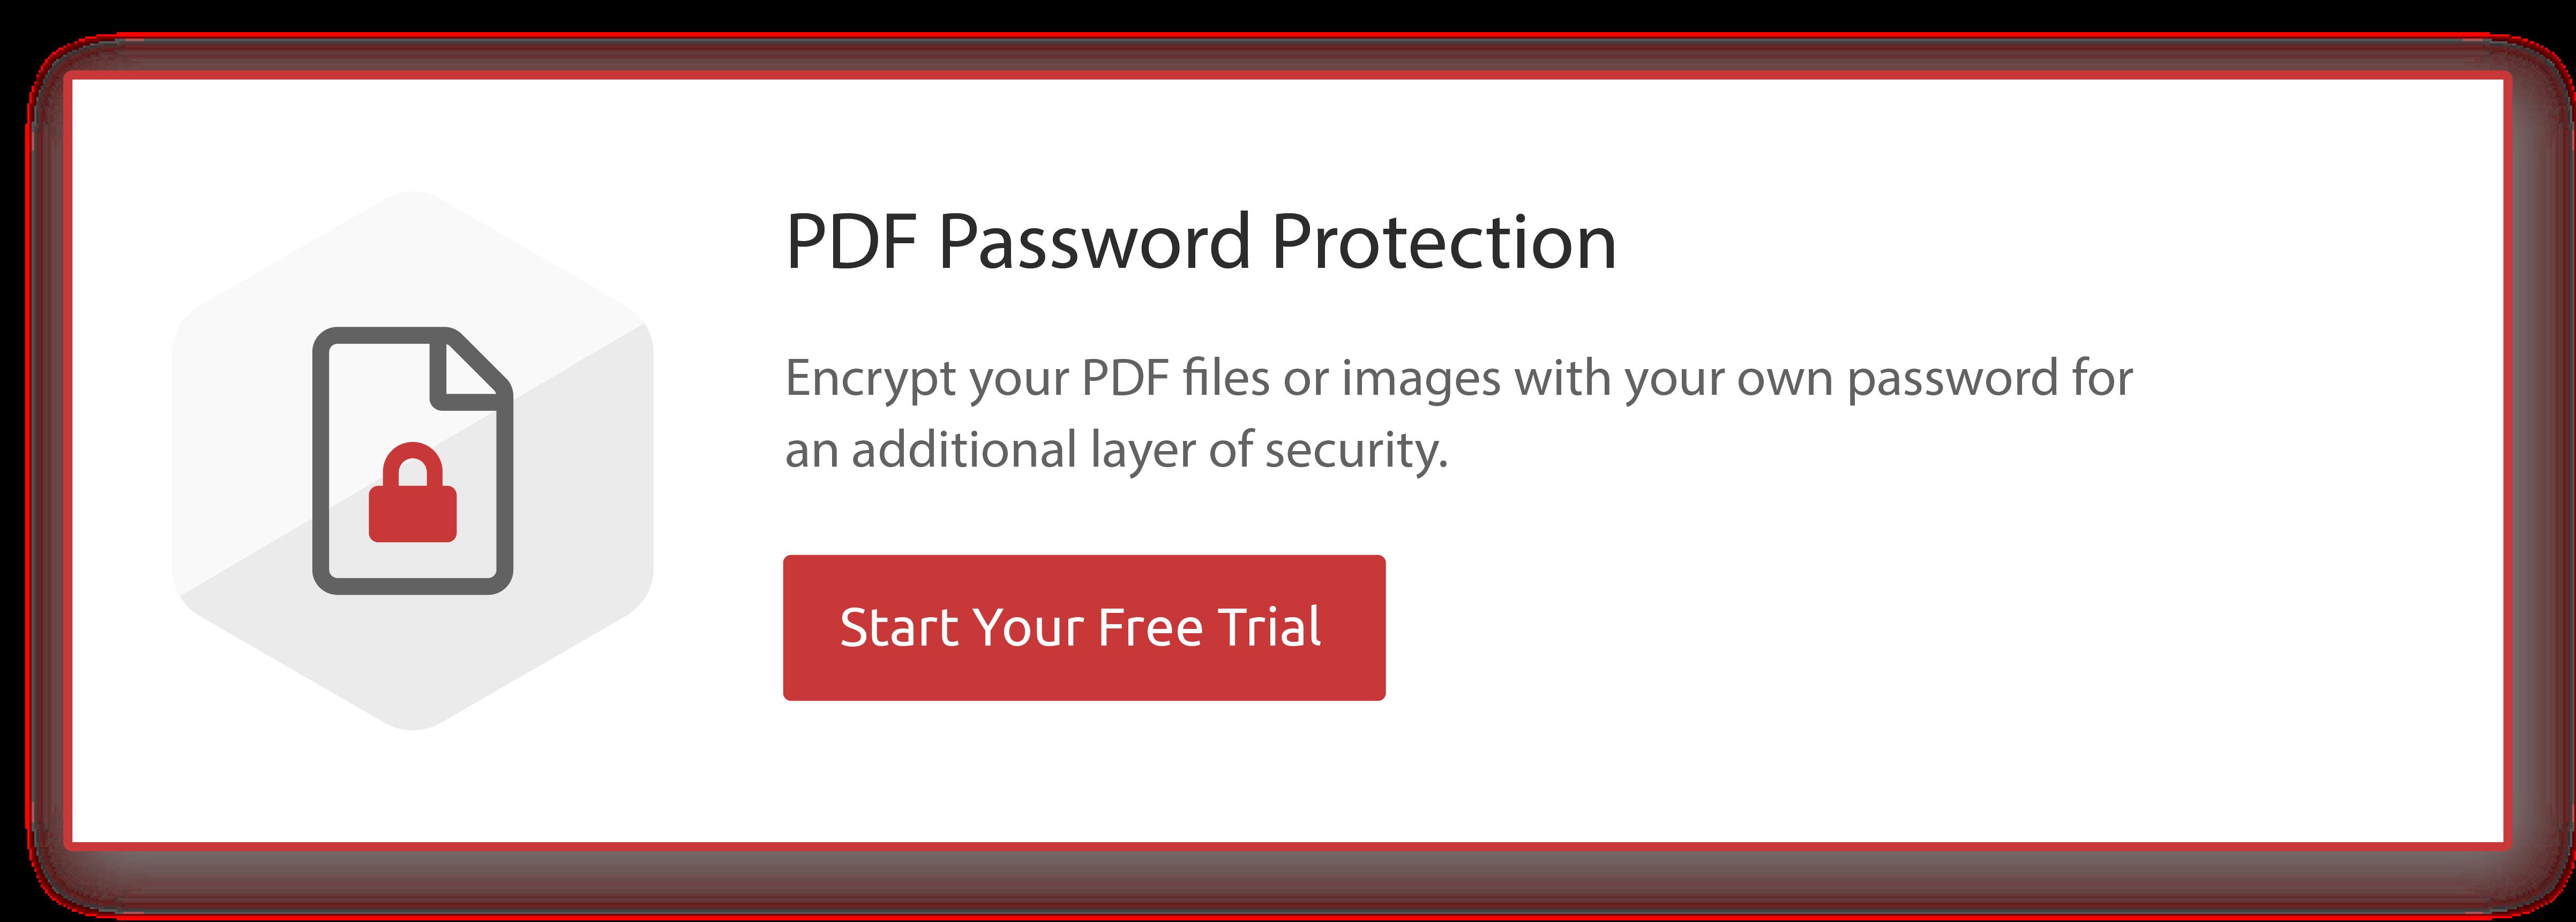 password_protect_pdf_cta.png